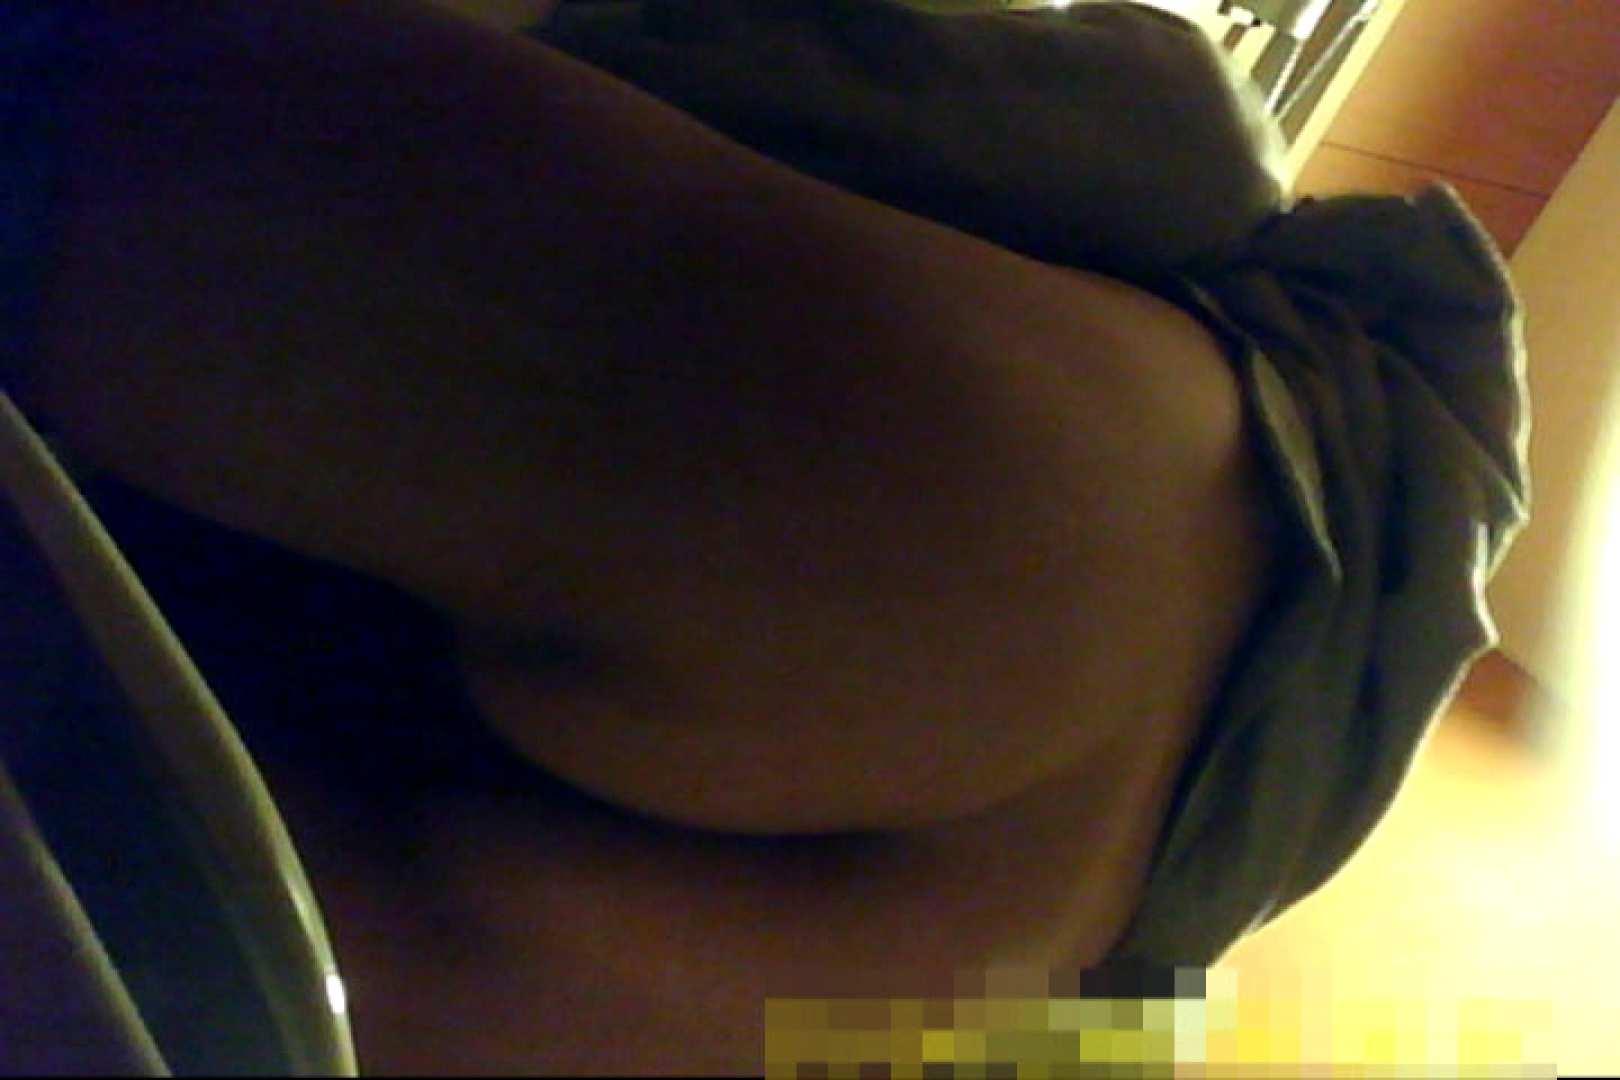 魅惑の化粧室~禁断のプライベート空間~29 プライベート  72pic 40